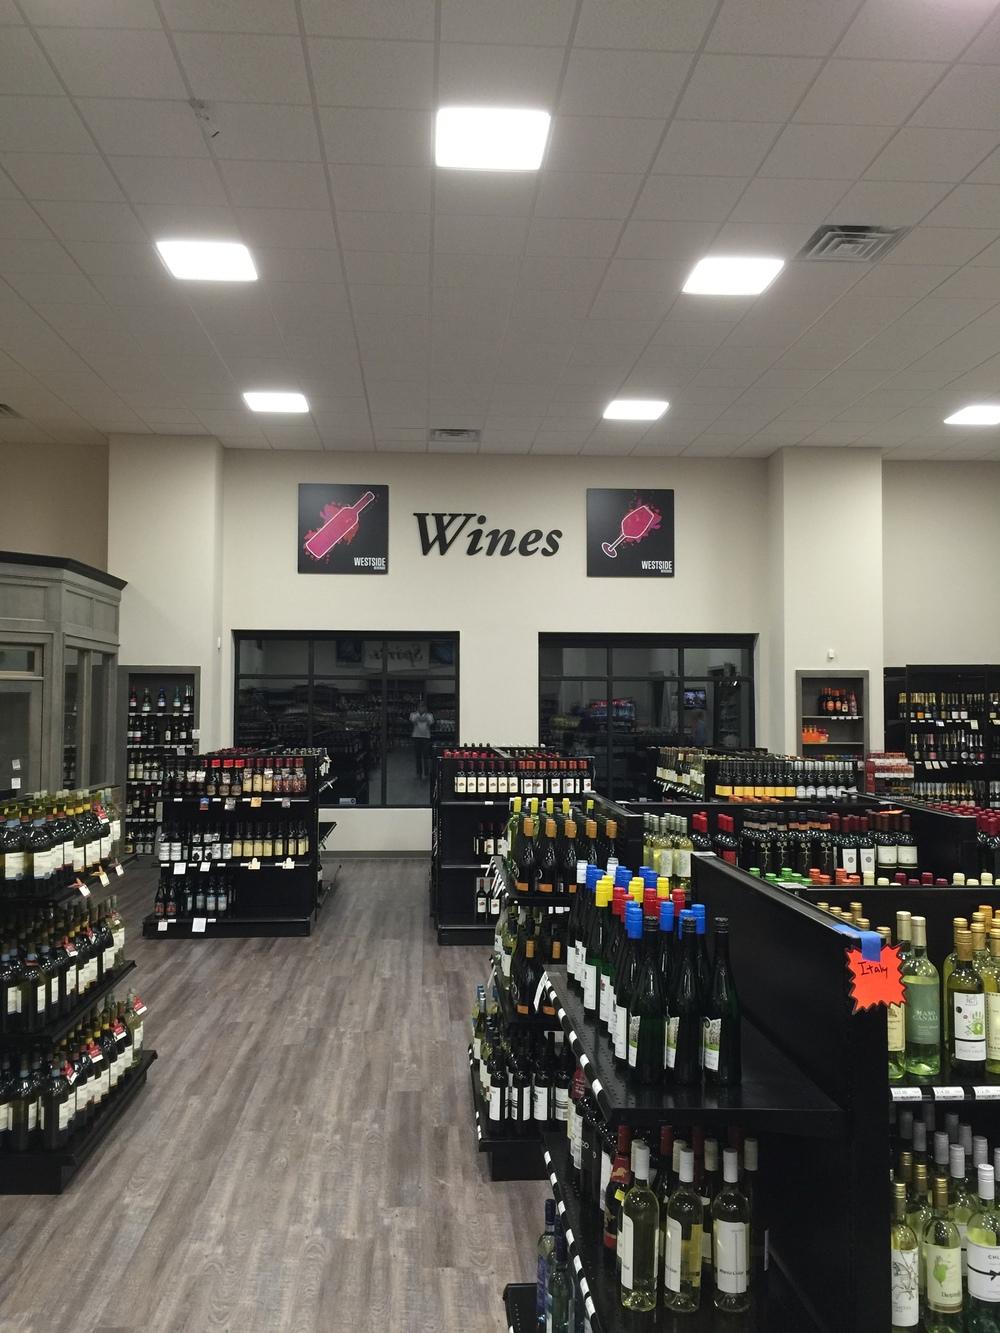 westside beverage wine section in cumming georgia